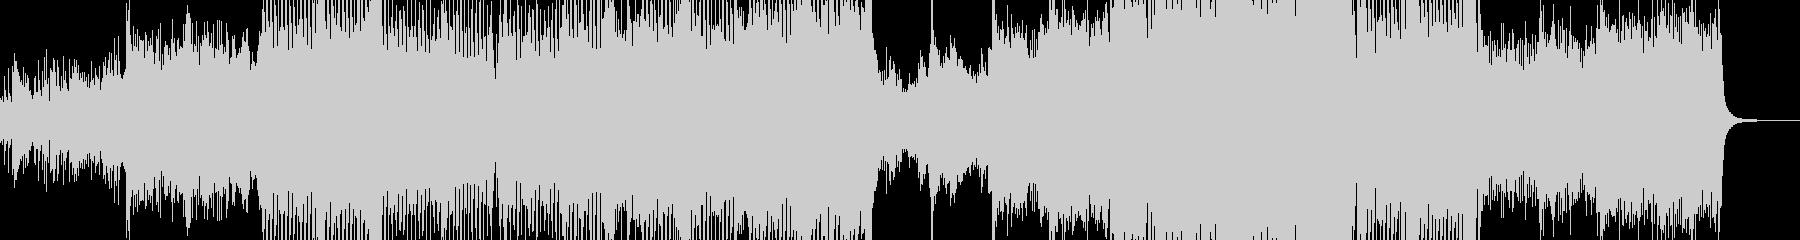 カラフルでメルヘンなテクノポップ Sの未再生の波形